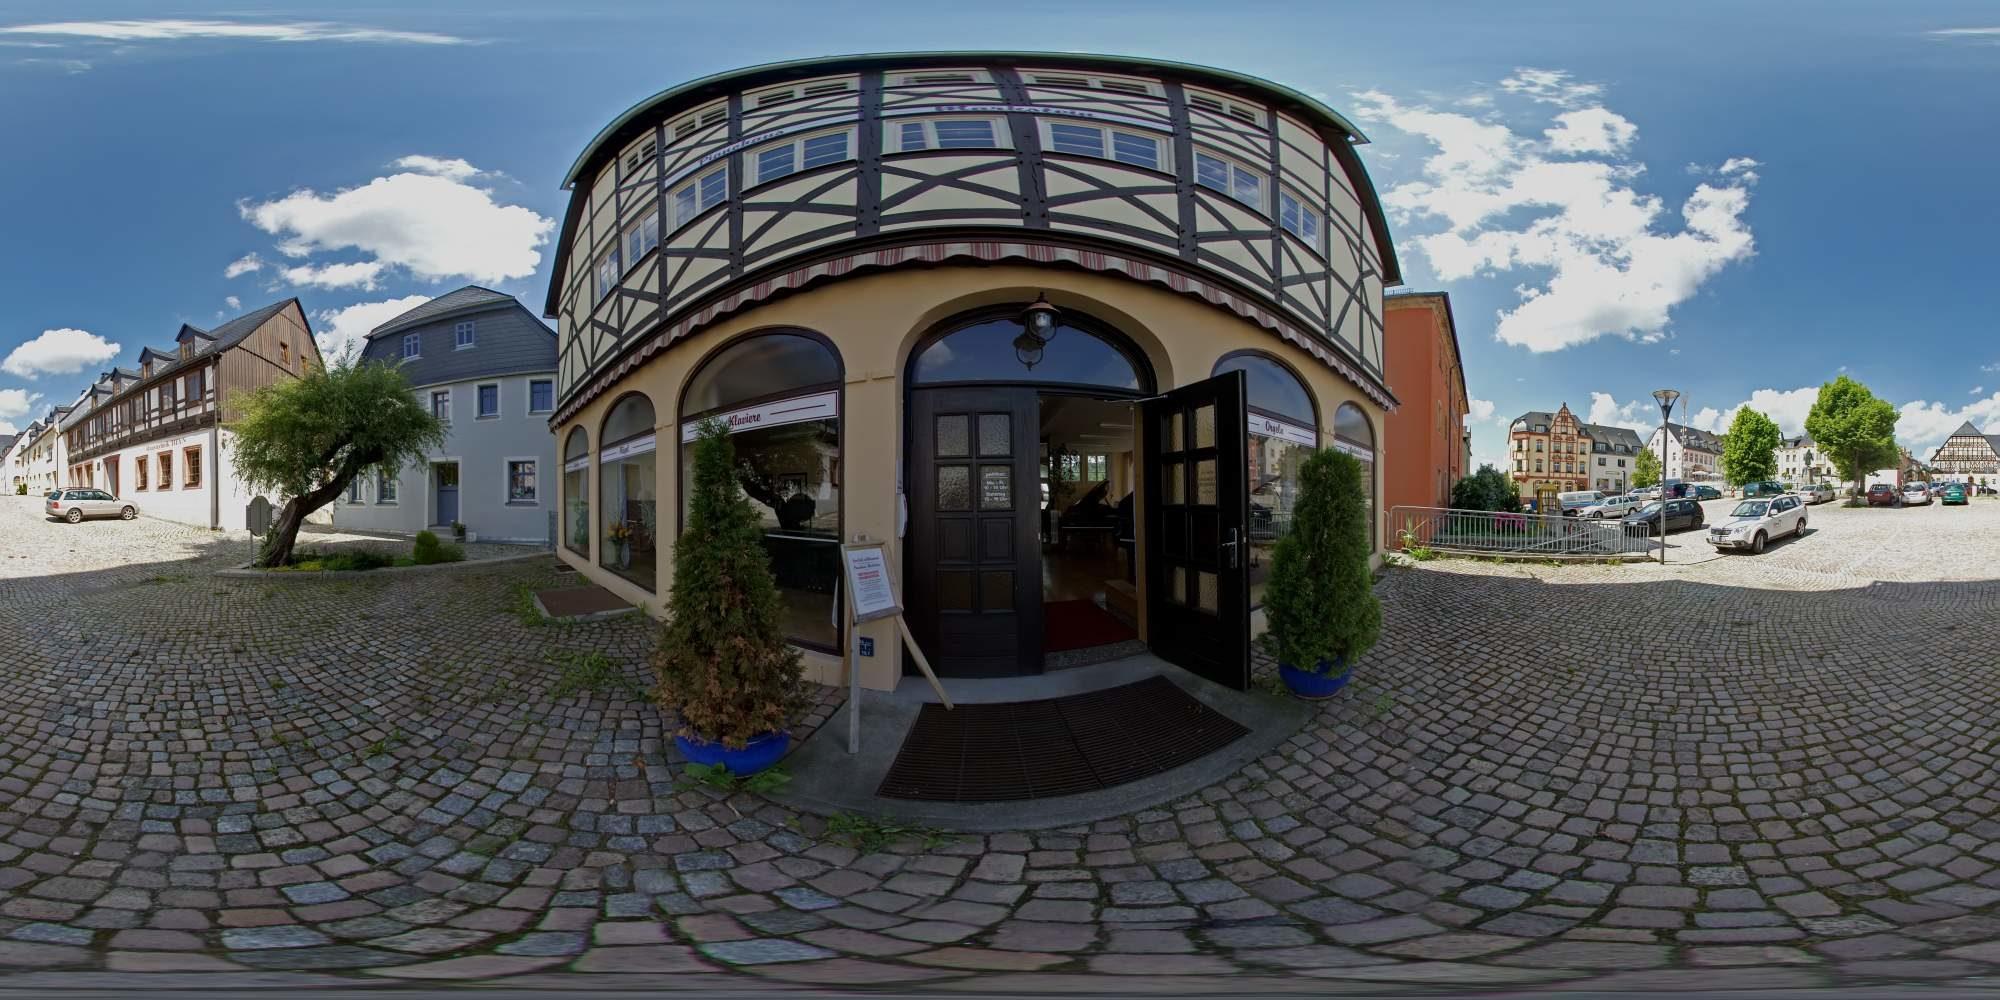 Firmen Panoramen Archives Panorade De